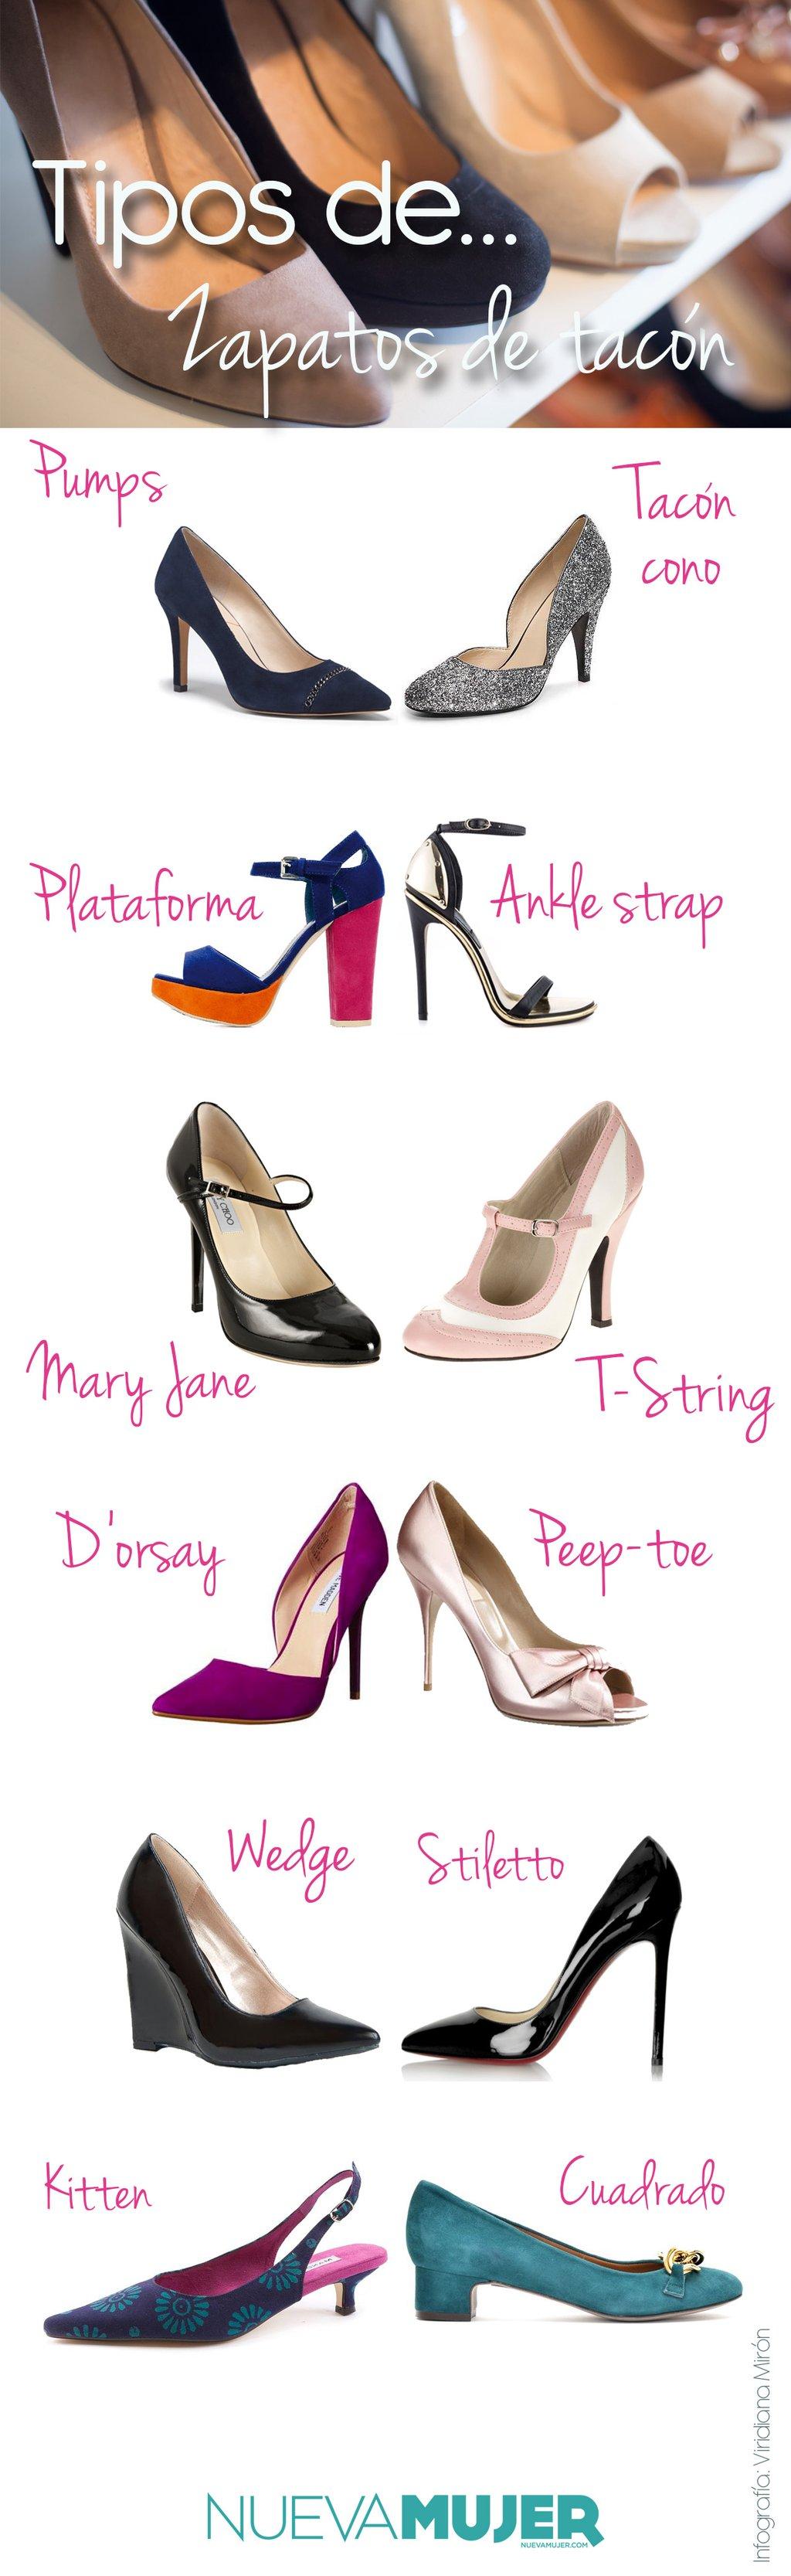 f056d701f Tipos de zapatos